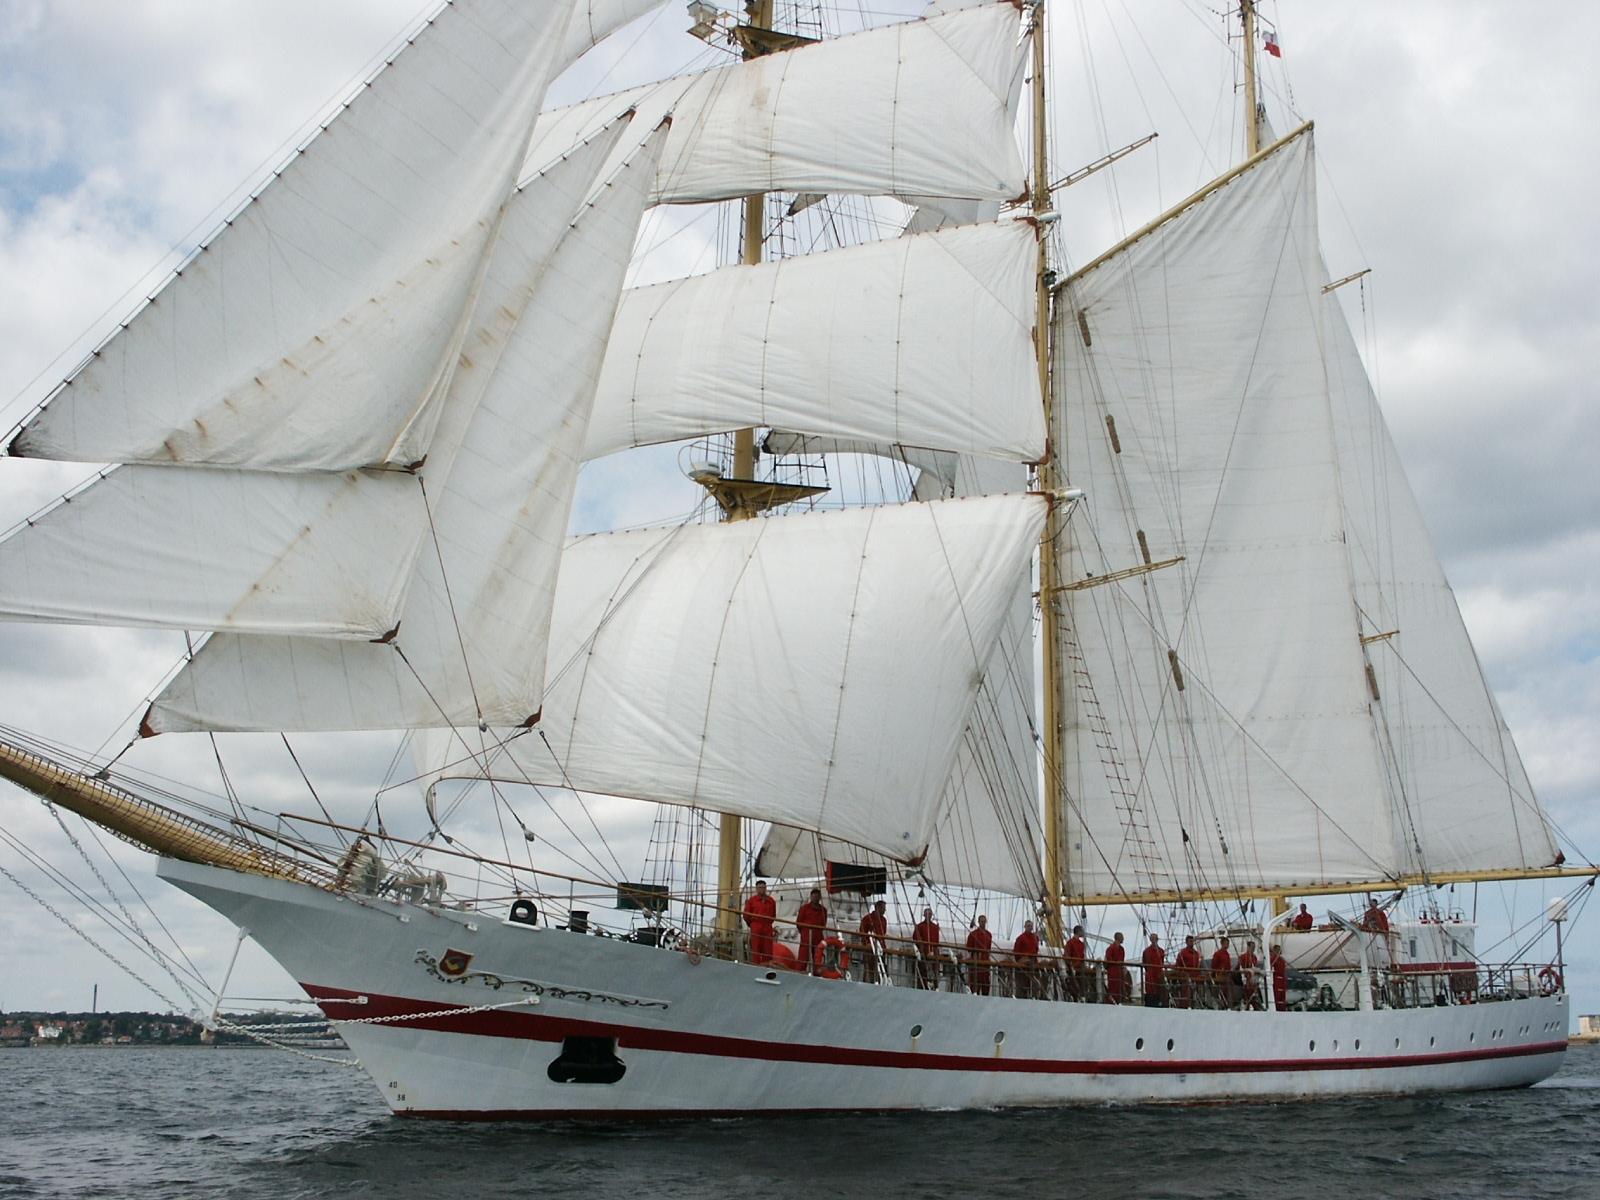 Bemanning van Tall Ship de Iskra staan in hun rode kleding aan de zijkant van het schip